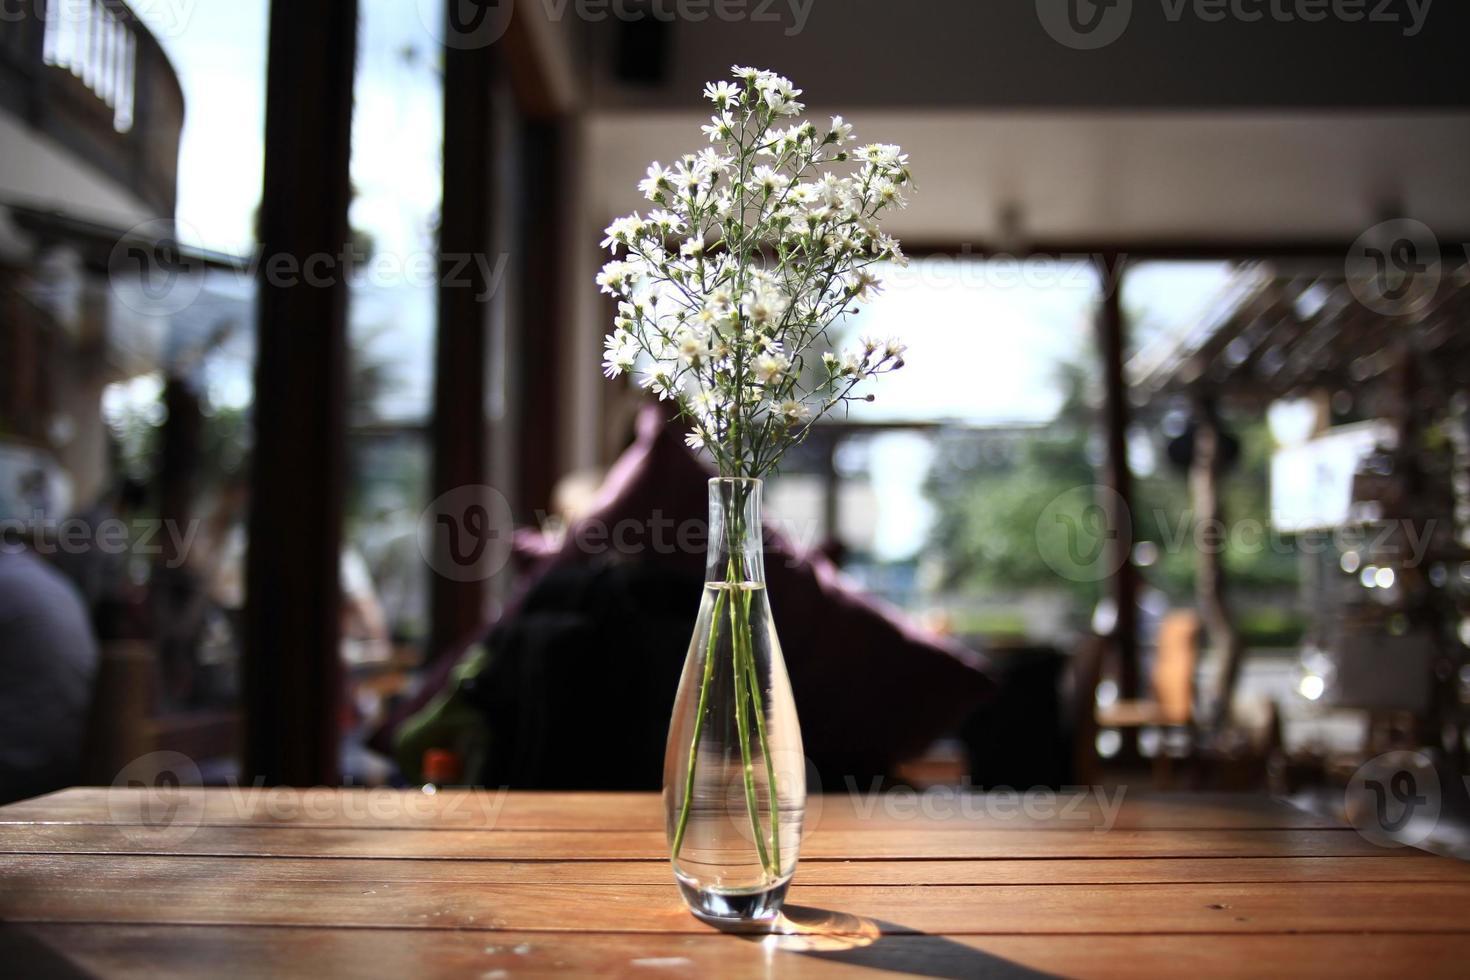 réglage de la table en arrière-plan du restaurant photo